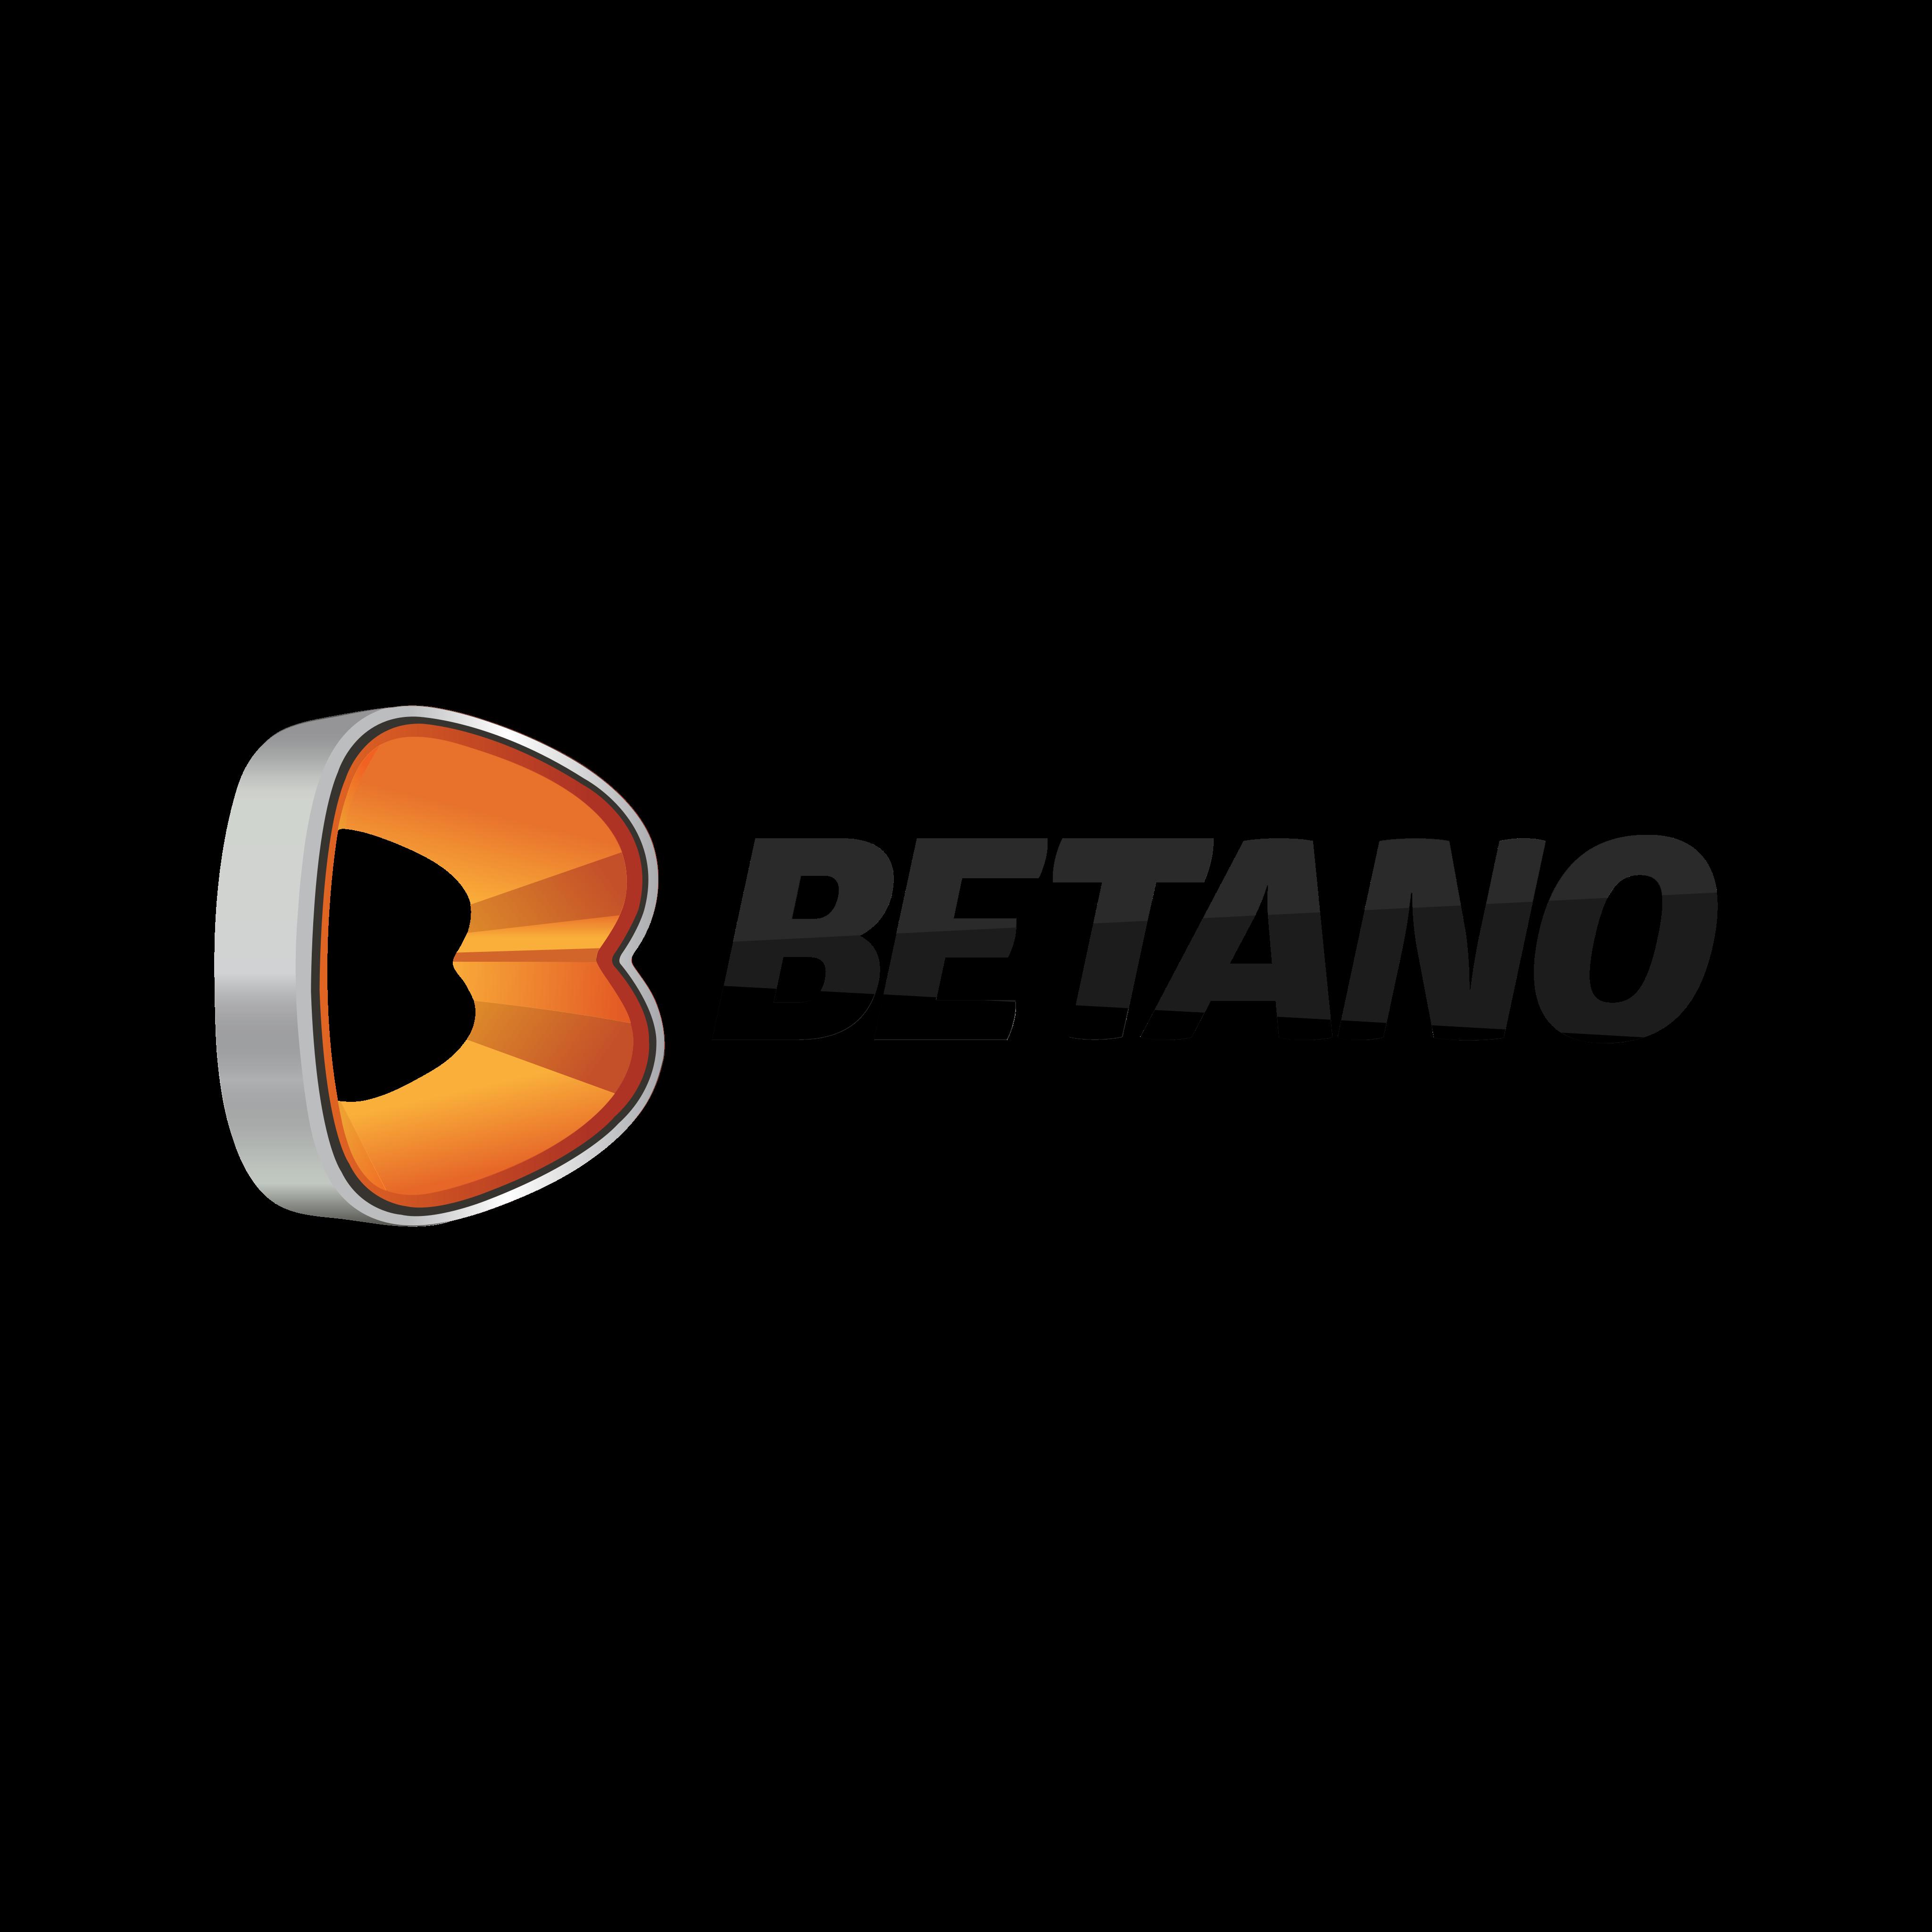 betano logo 0 - Betano Logo